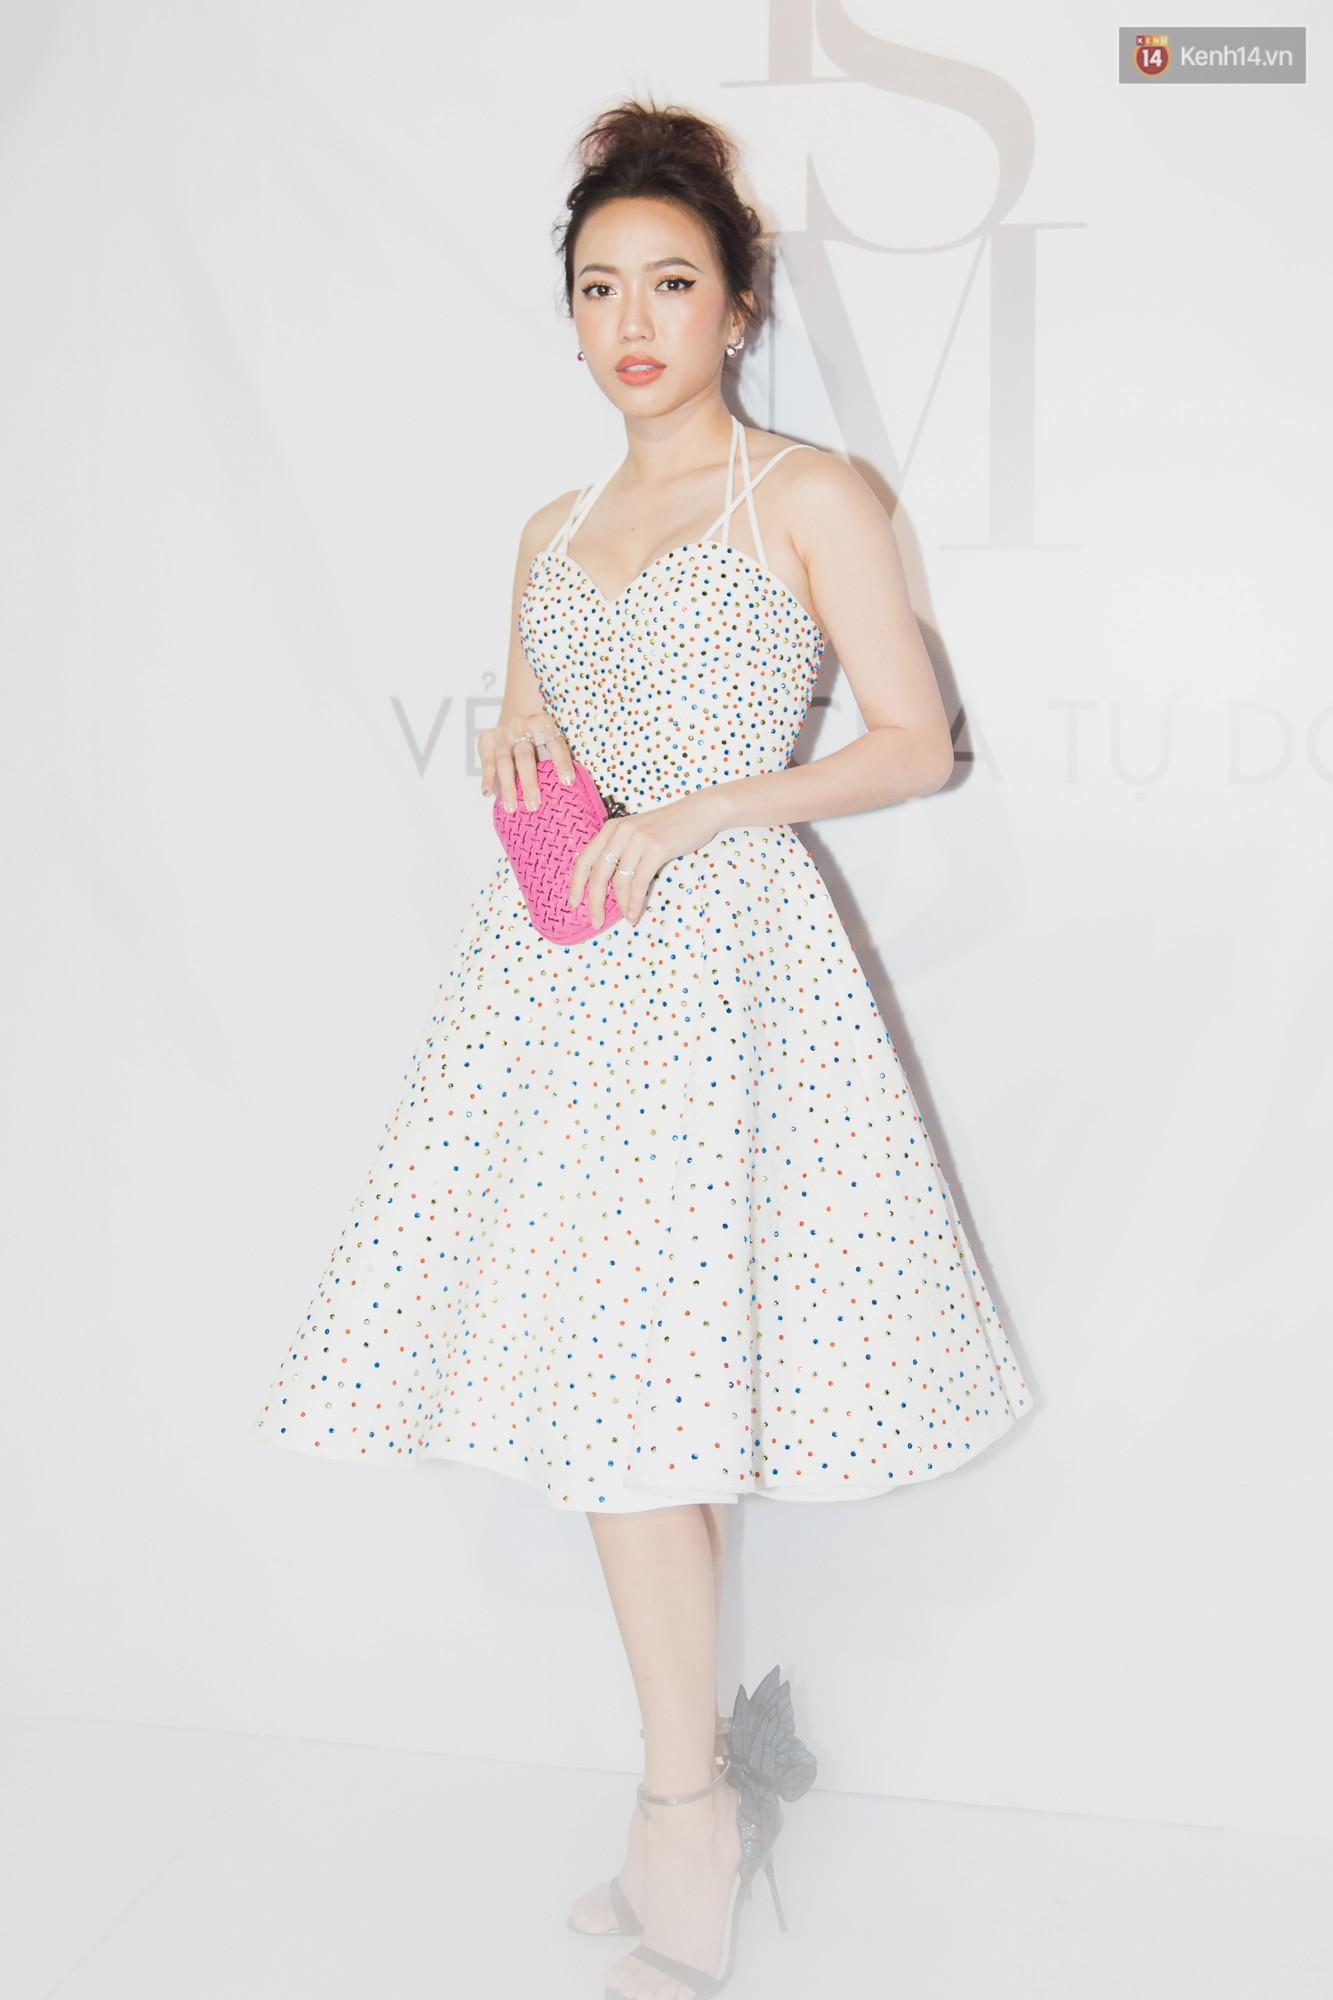 Spotlight thảm đỏ của NTK Lý Quí Khánh: Khi Hòa Minzy trông còn Hoa hậu hơn cả Hoa hậu Tiểu Vy - Ảnh 11.